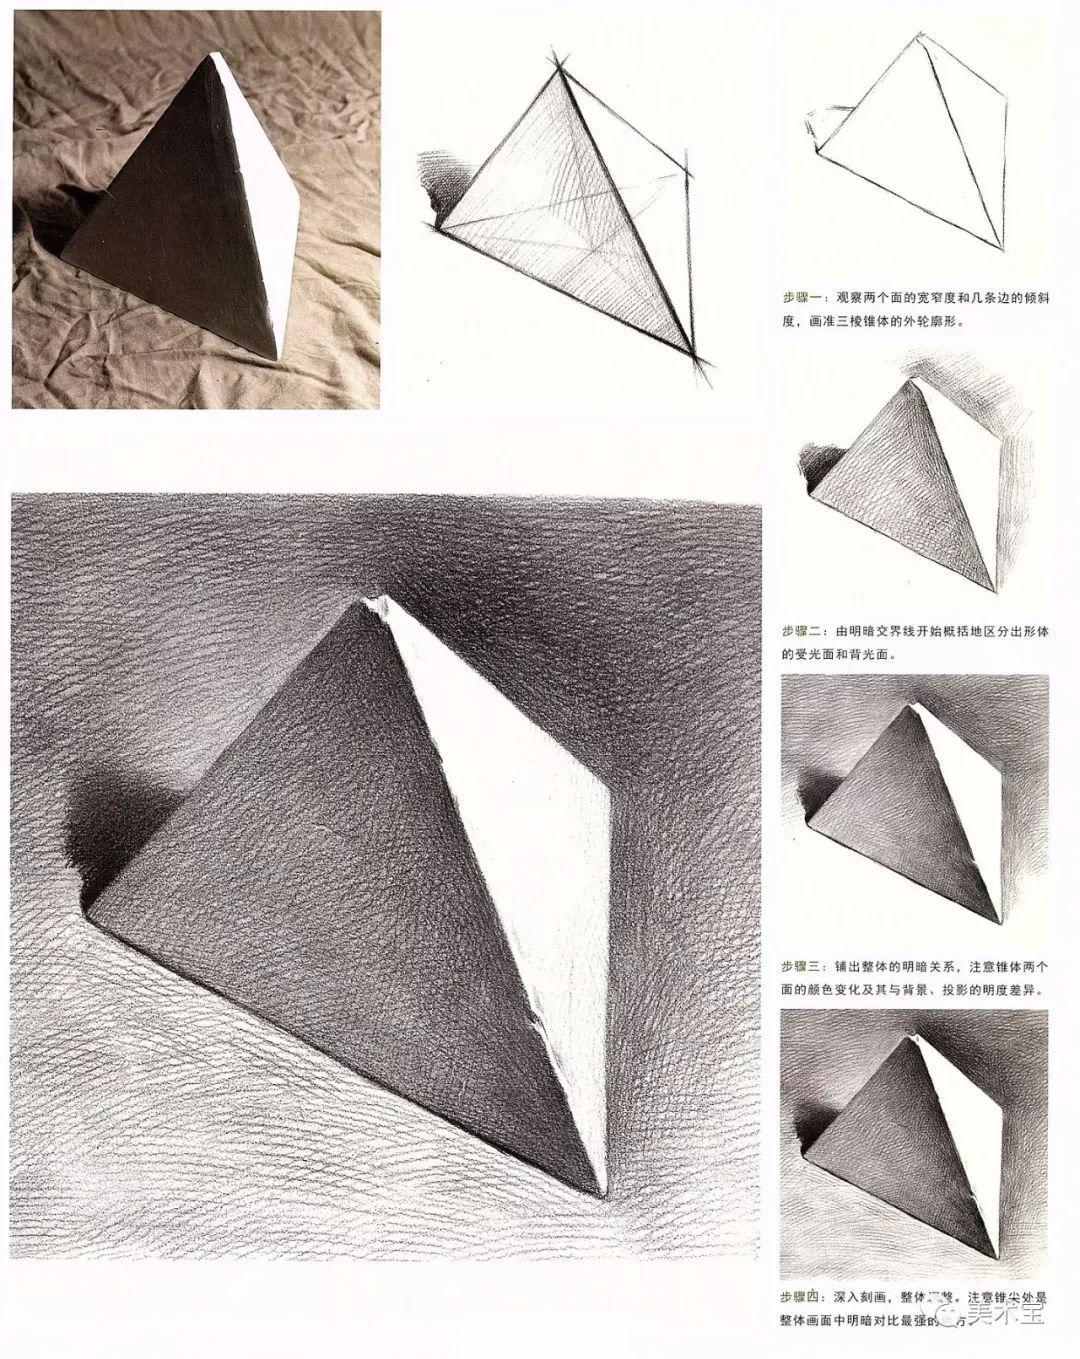 棱柱棱锥直观图及多面体.pptx-原创力文档